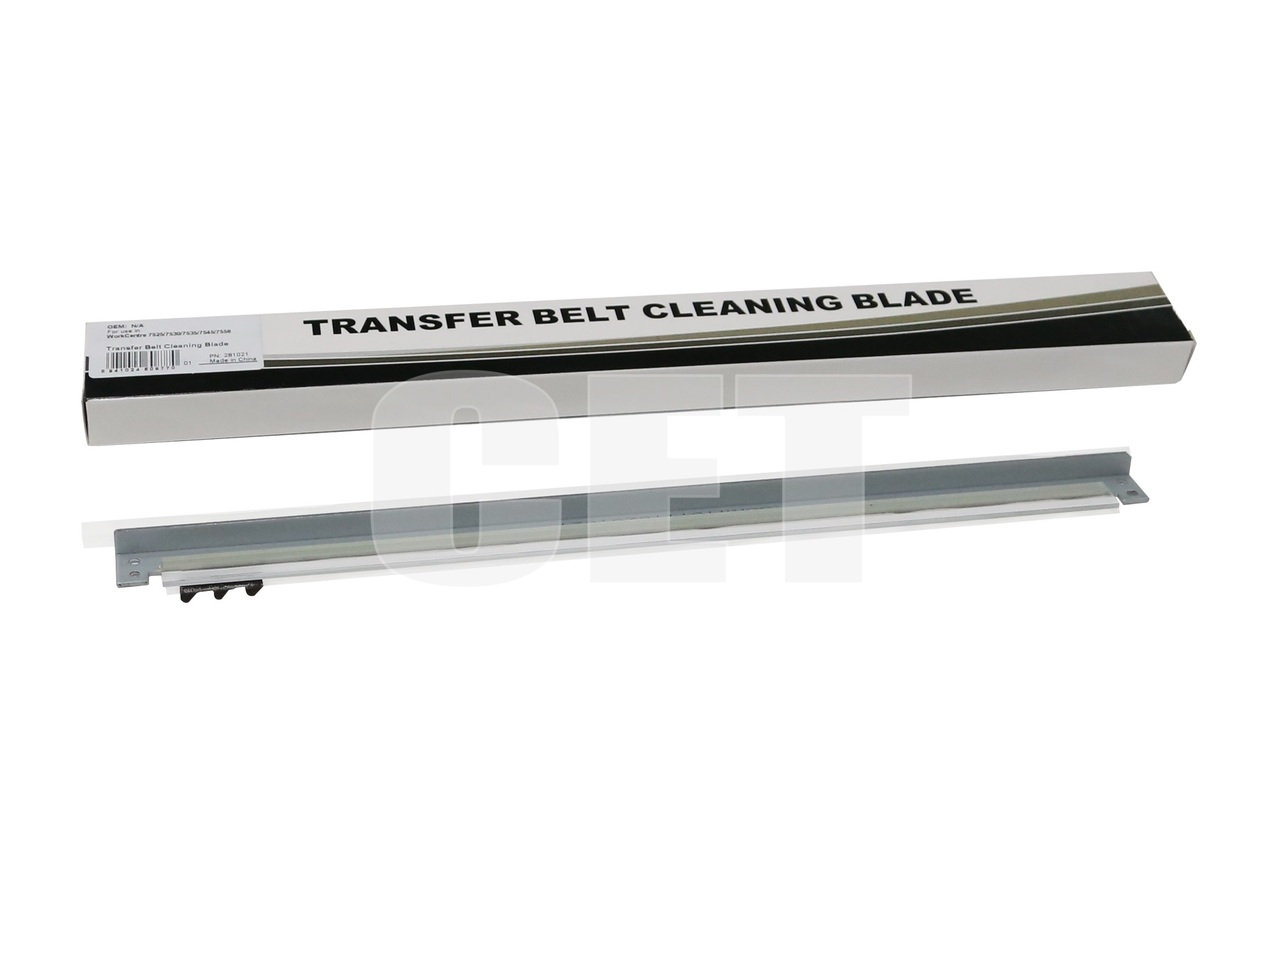 Лезвие очистки ленты переноса для XEROX WorkCentre7525/7530/7535/7545 (CET), CET281021